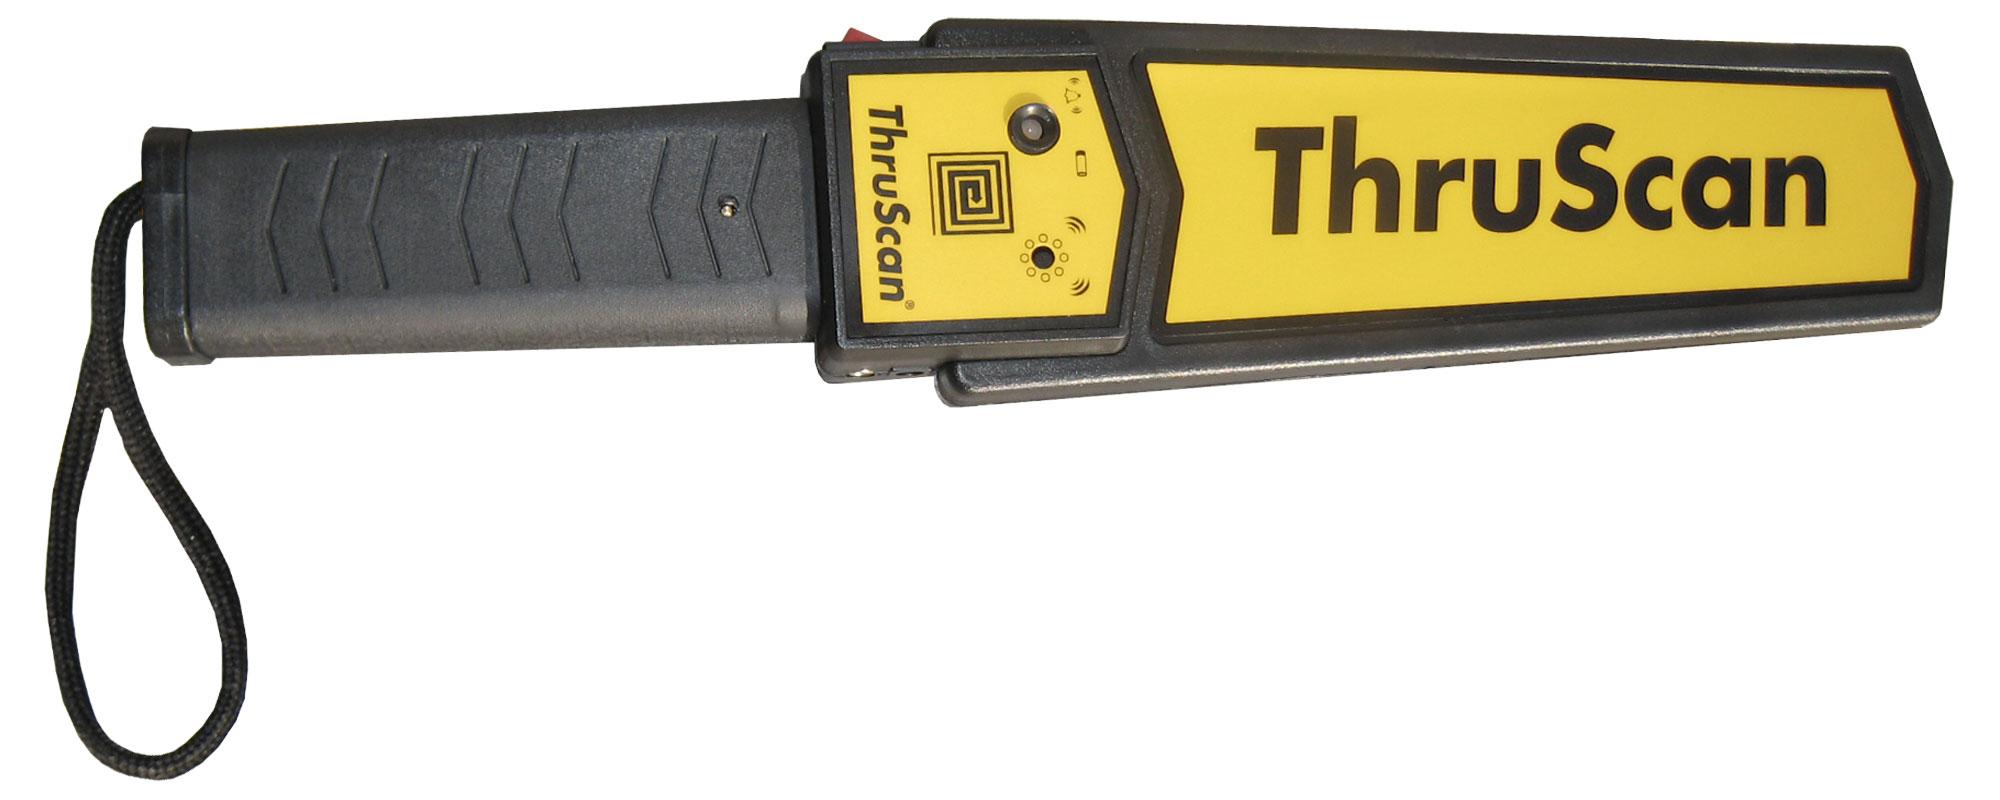 el dedektörü nedir, el dedektörü nerelerde kullanılır, el dedektörünün faydaları nelerdir